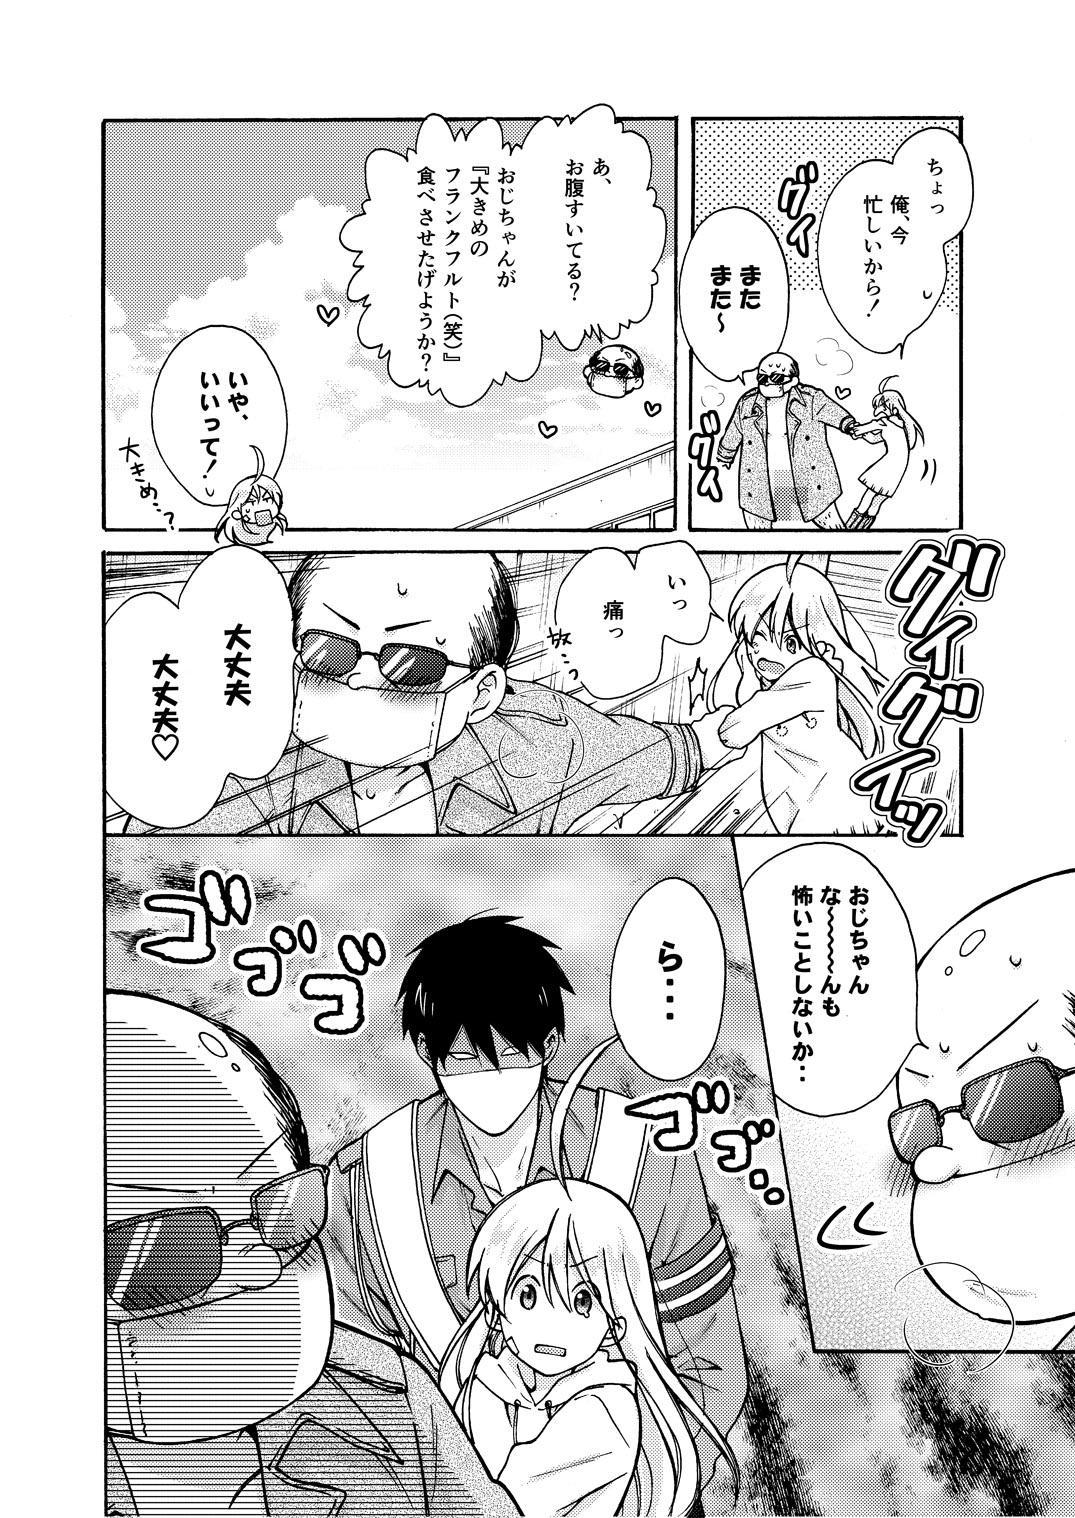 Nyotaika Yankee Gakuen ☆ Ore no Hajimete, Nerawaretemasu. 9 12